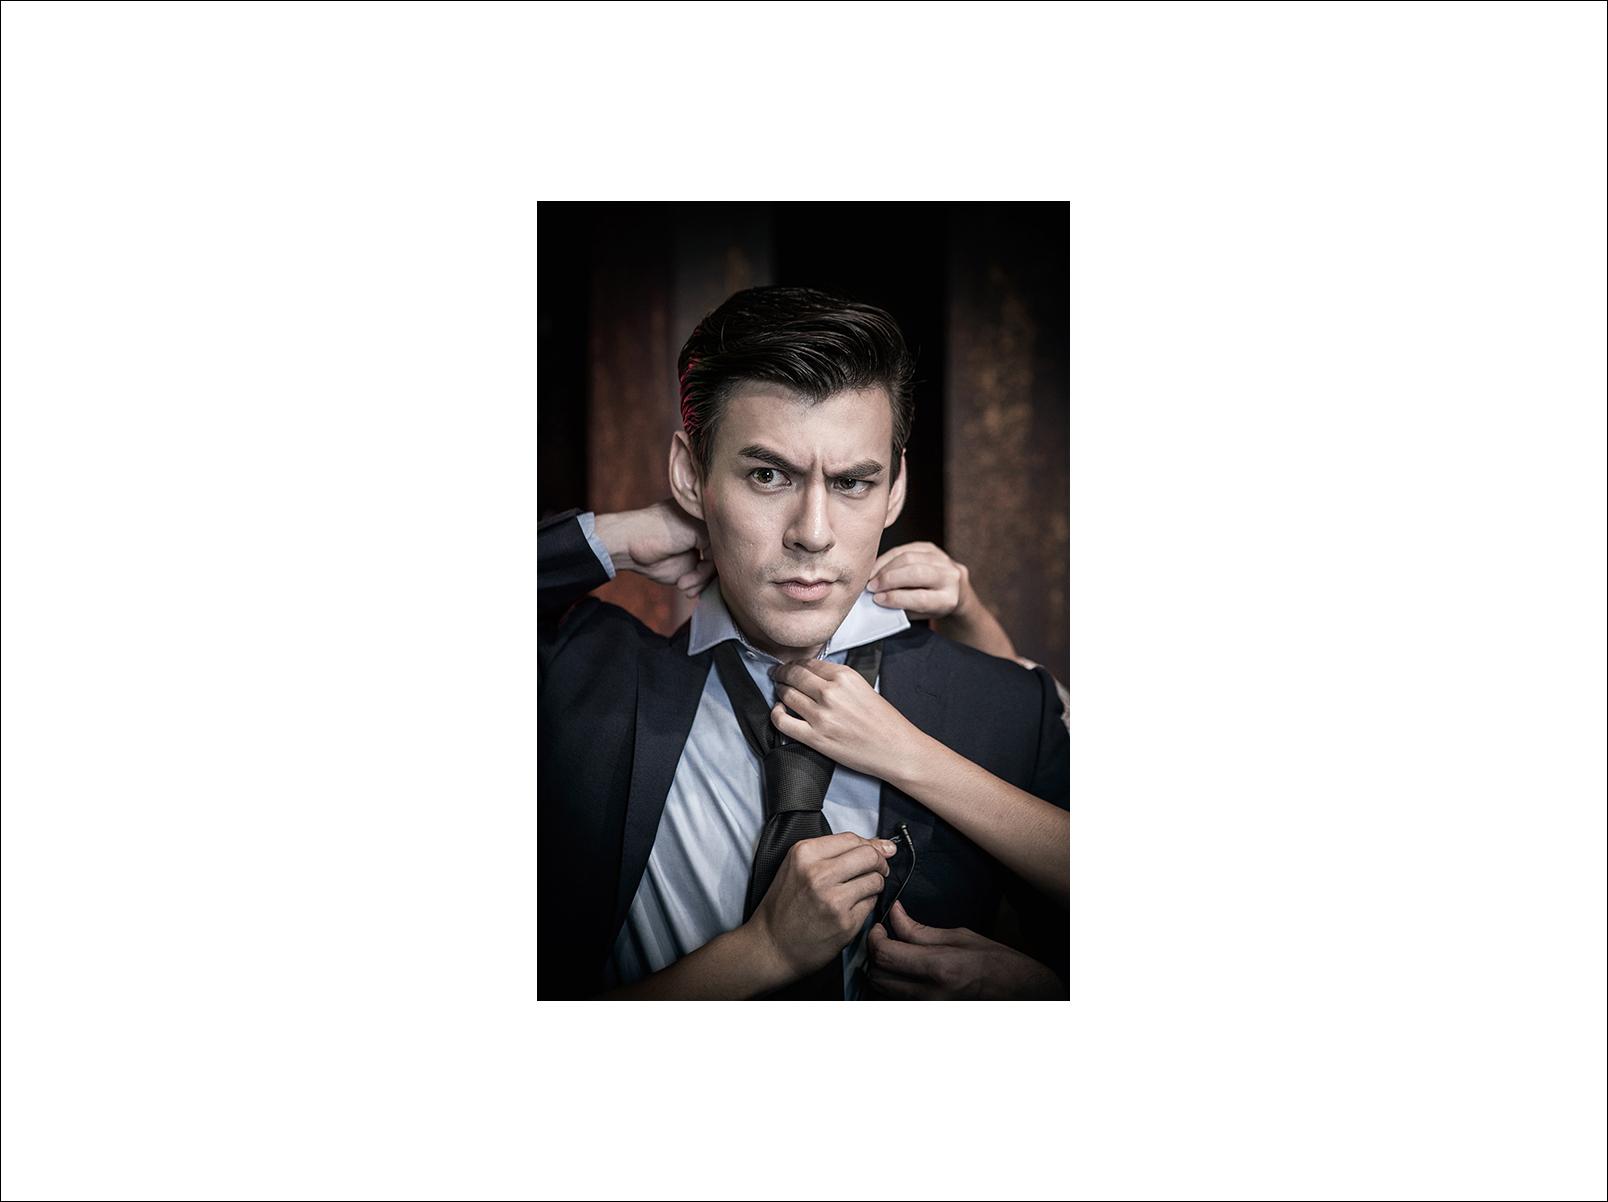 John Winyu Wongsurawat, photographed in Bangkok / for Time Magazine